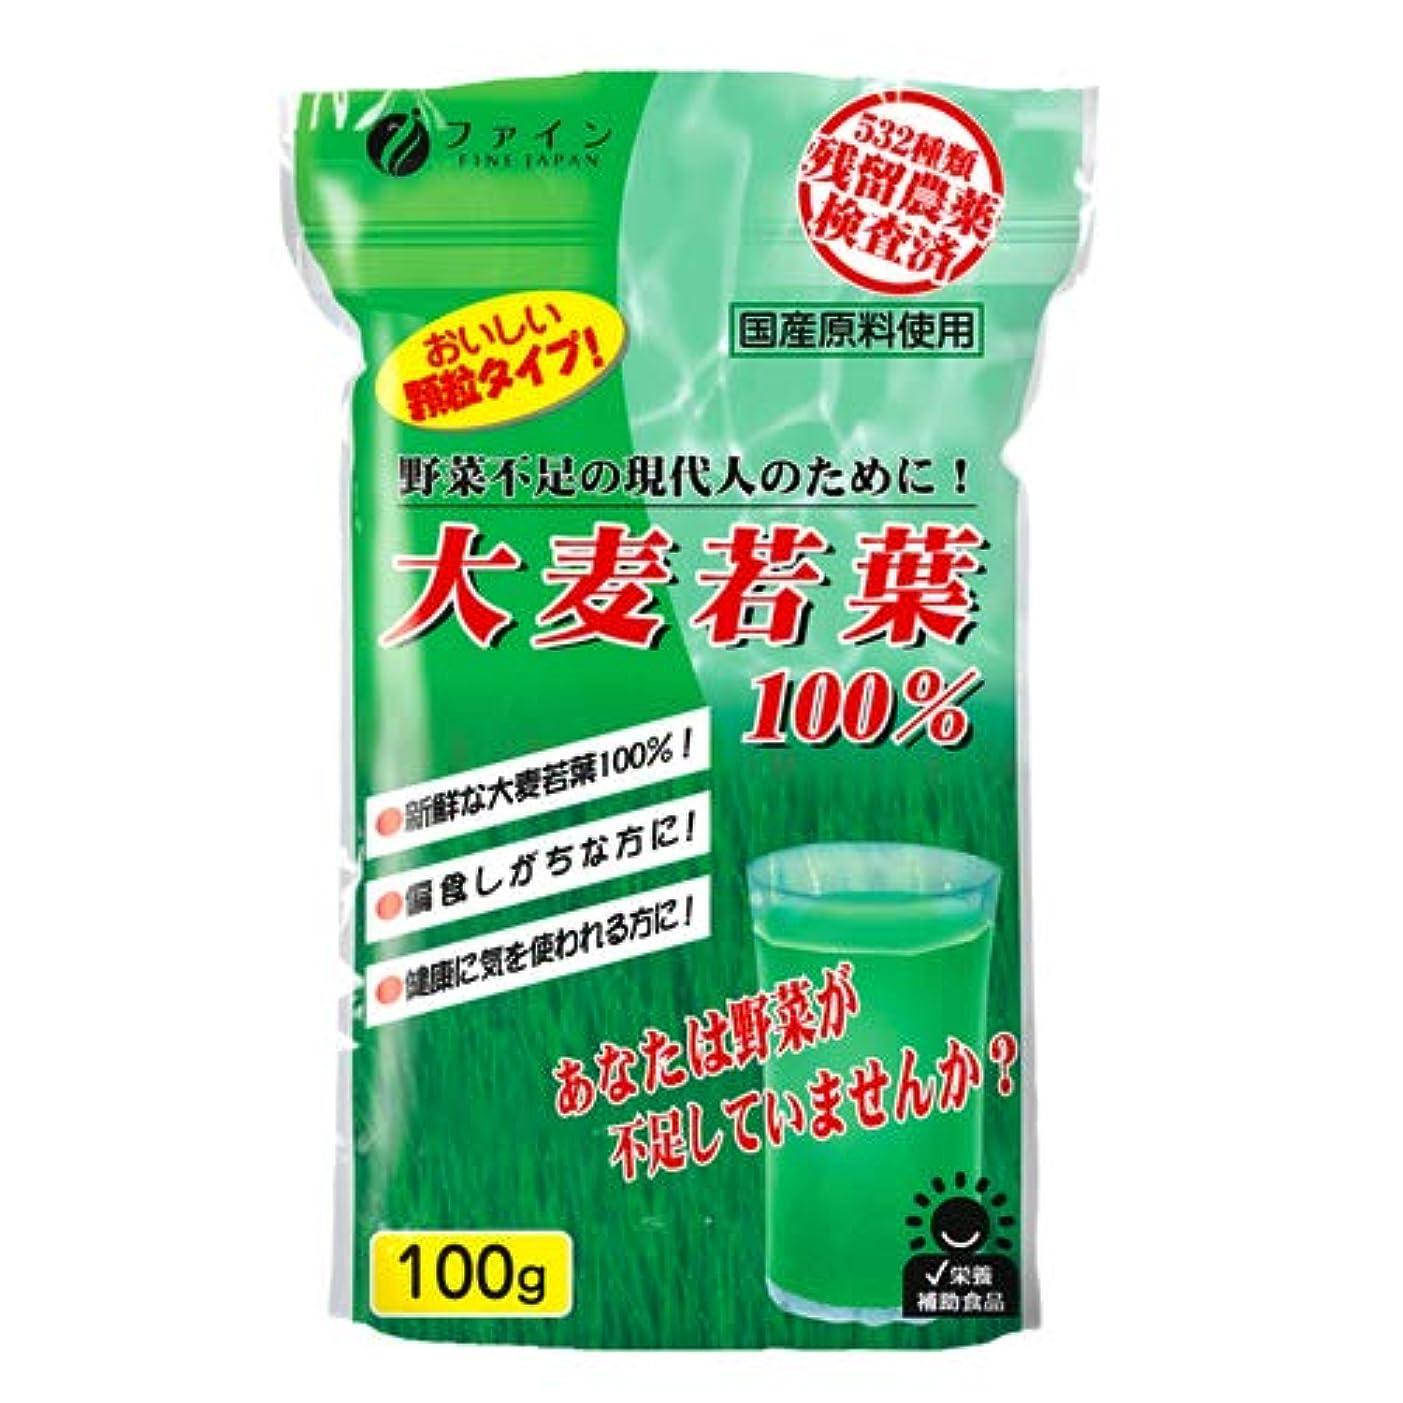 レベル寄り添う分解するファイン 大麦若葉100% 100g 【30袋組】